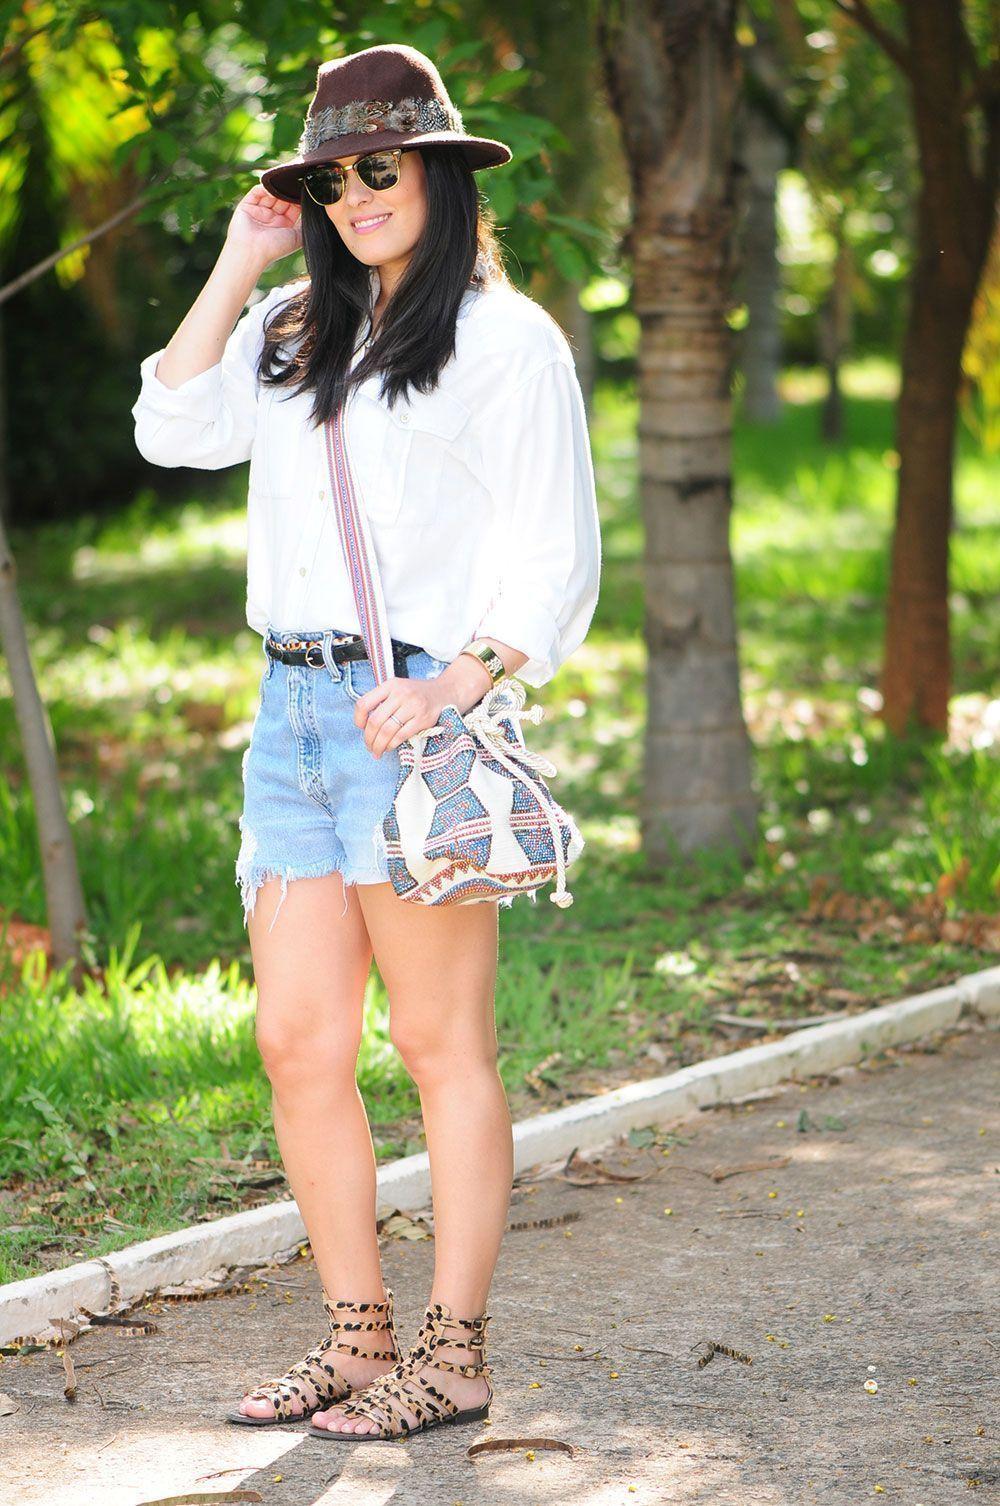 """Foto: Reprodução / <a href=""""http://www.blogdamariah.com.br/index.php/2014/02/look-do-dia-jeans-com-jeans/"""" target=""""_blank"""">Blog da Mariah</a>"""